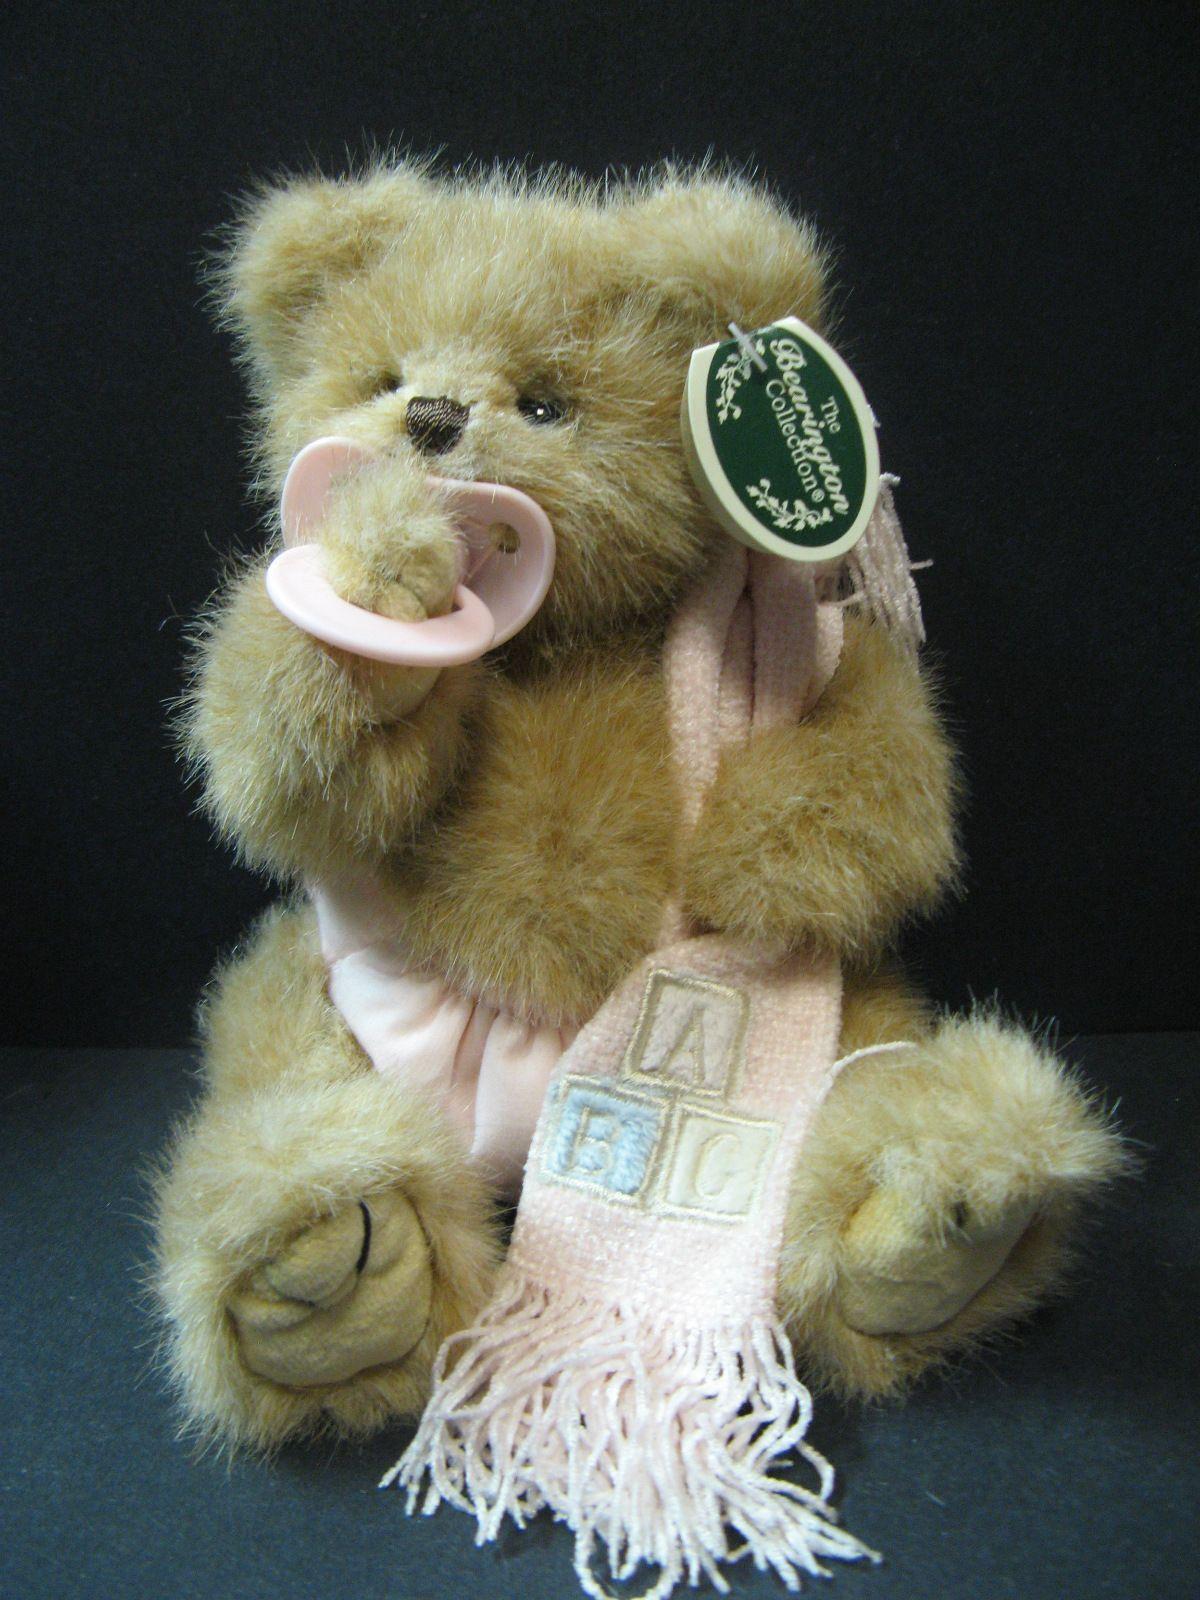 Pin By Jan Warren On Sweet Bears Teddy Bear Pictures Old Teddy Bears Teddy Bear [ 1600 x 1200 Pixel ]